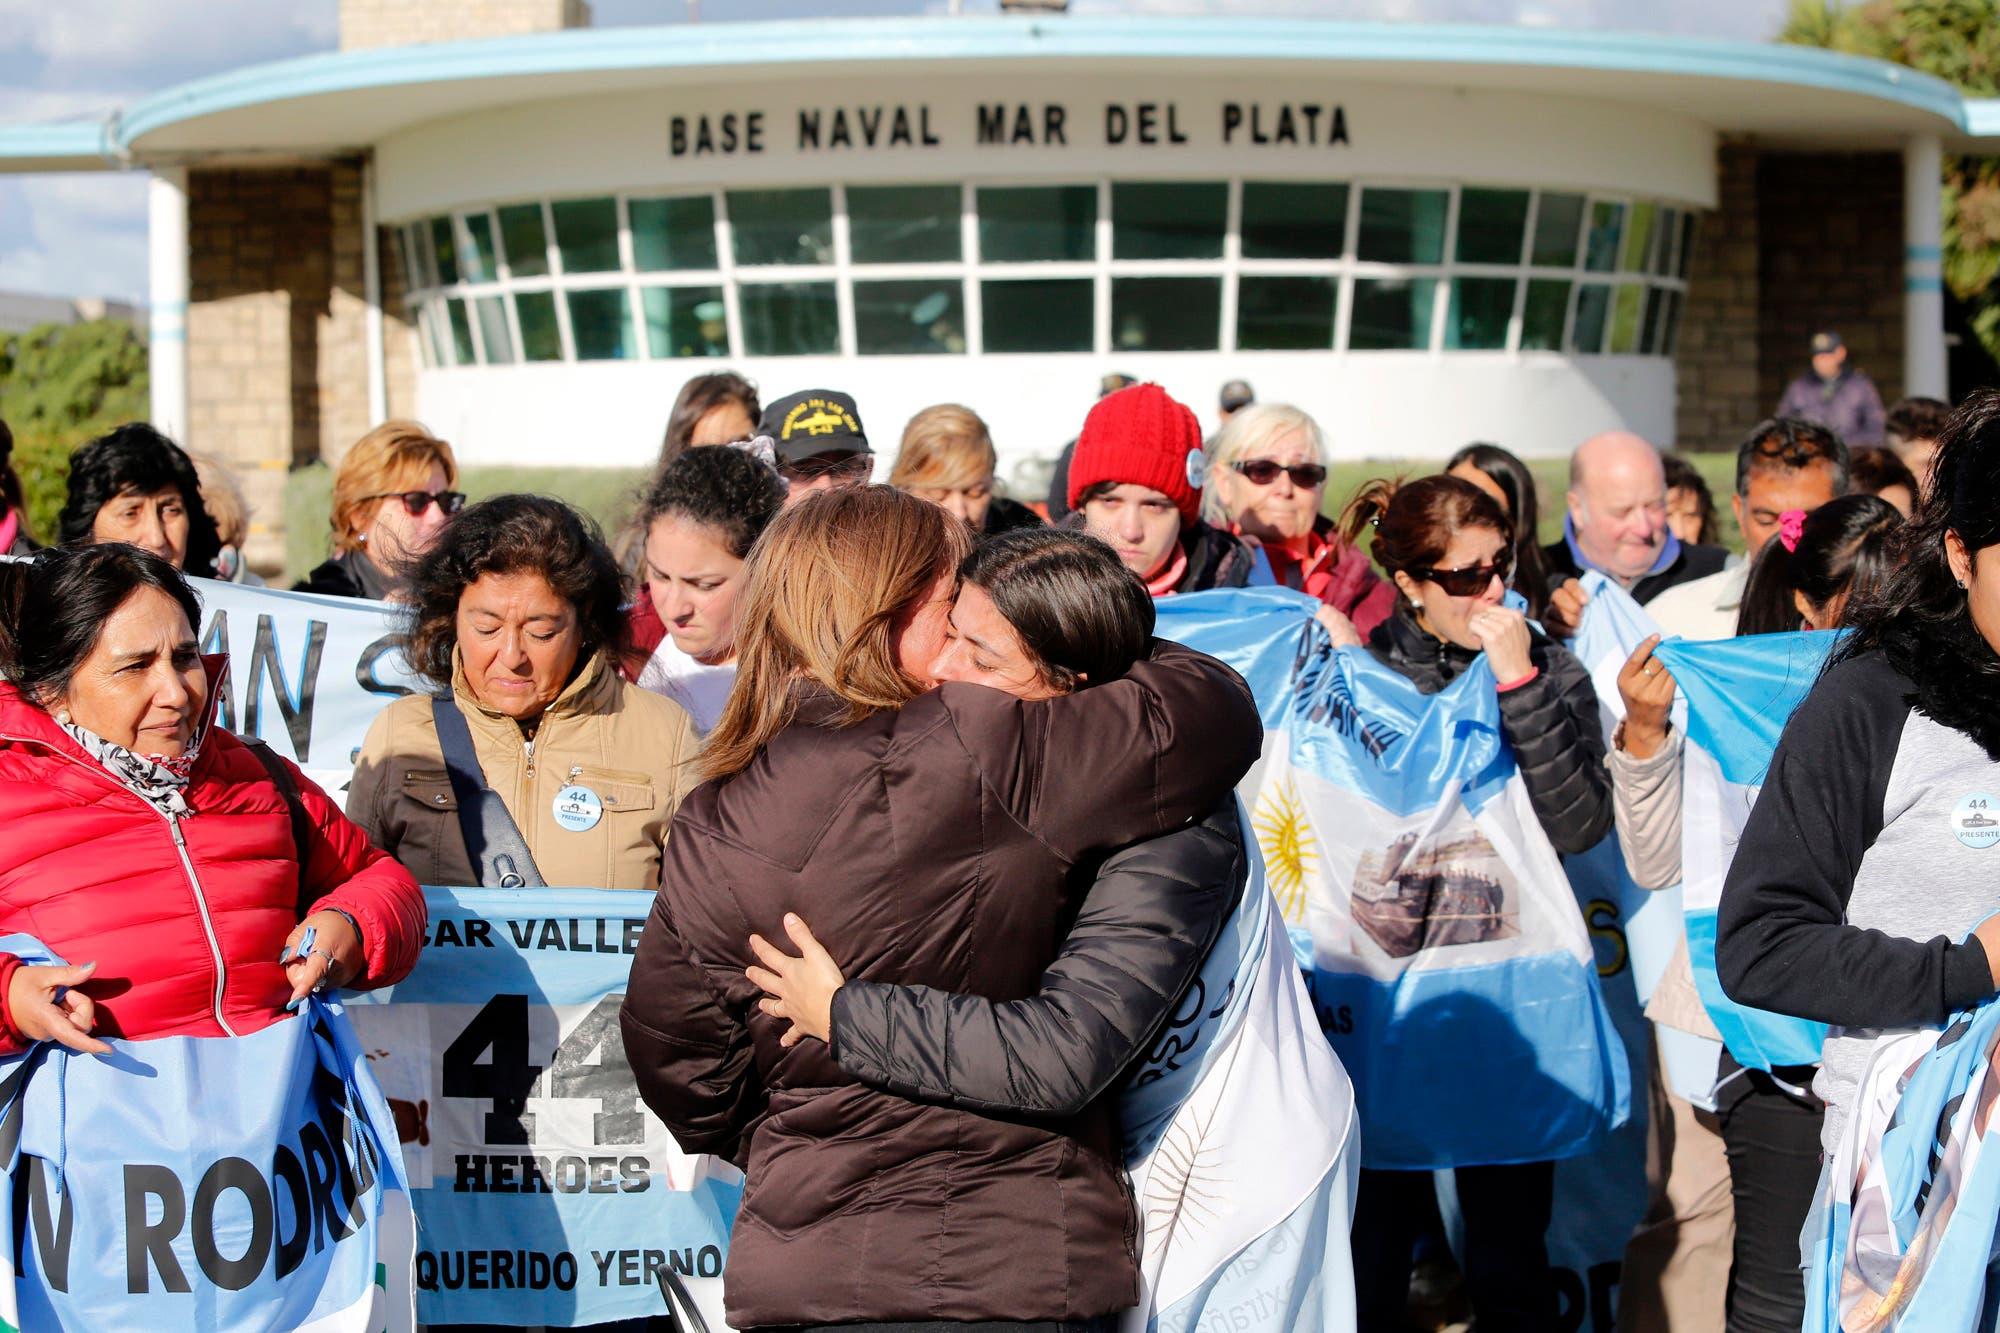 """ARA San Juan: """"Un 15 nos los quitó y un 15 nos los trajo de vuelta"""", el mensaje de los familiares"""